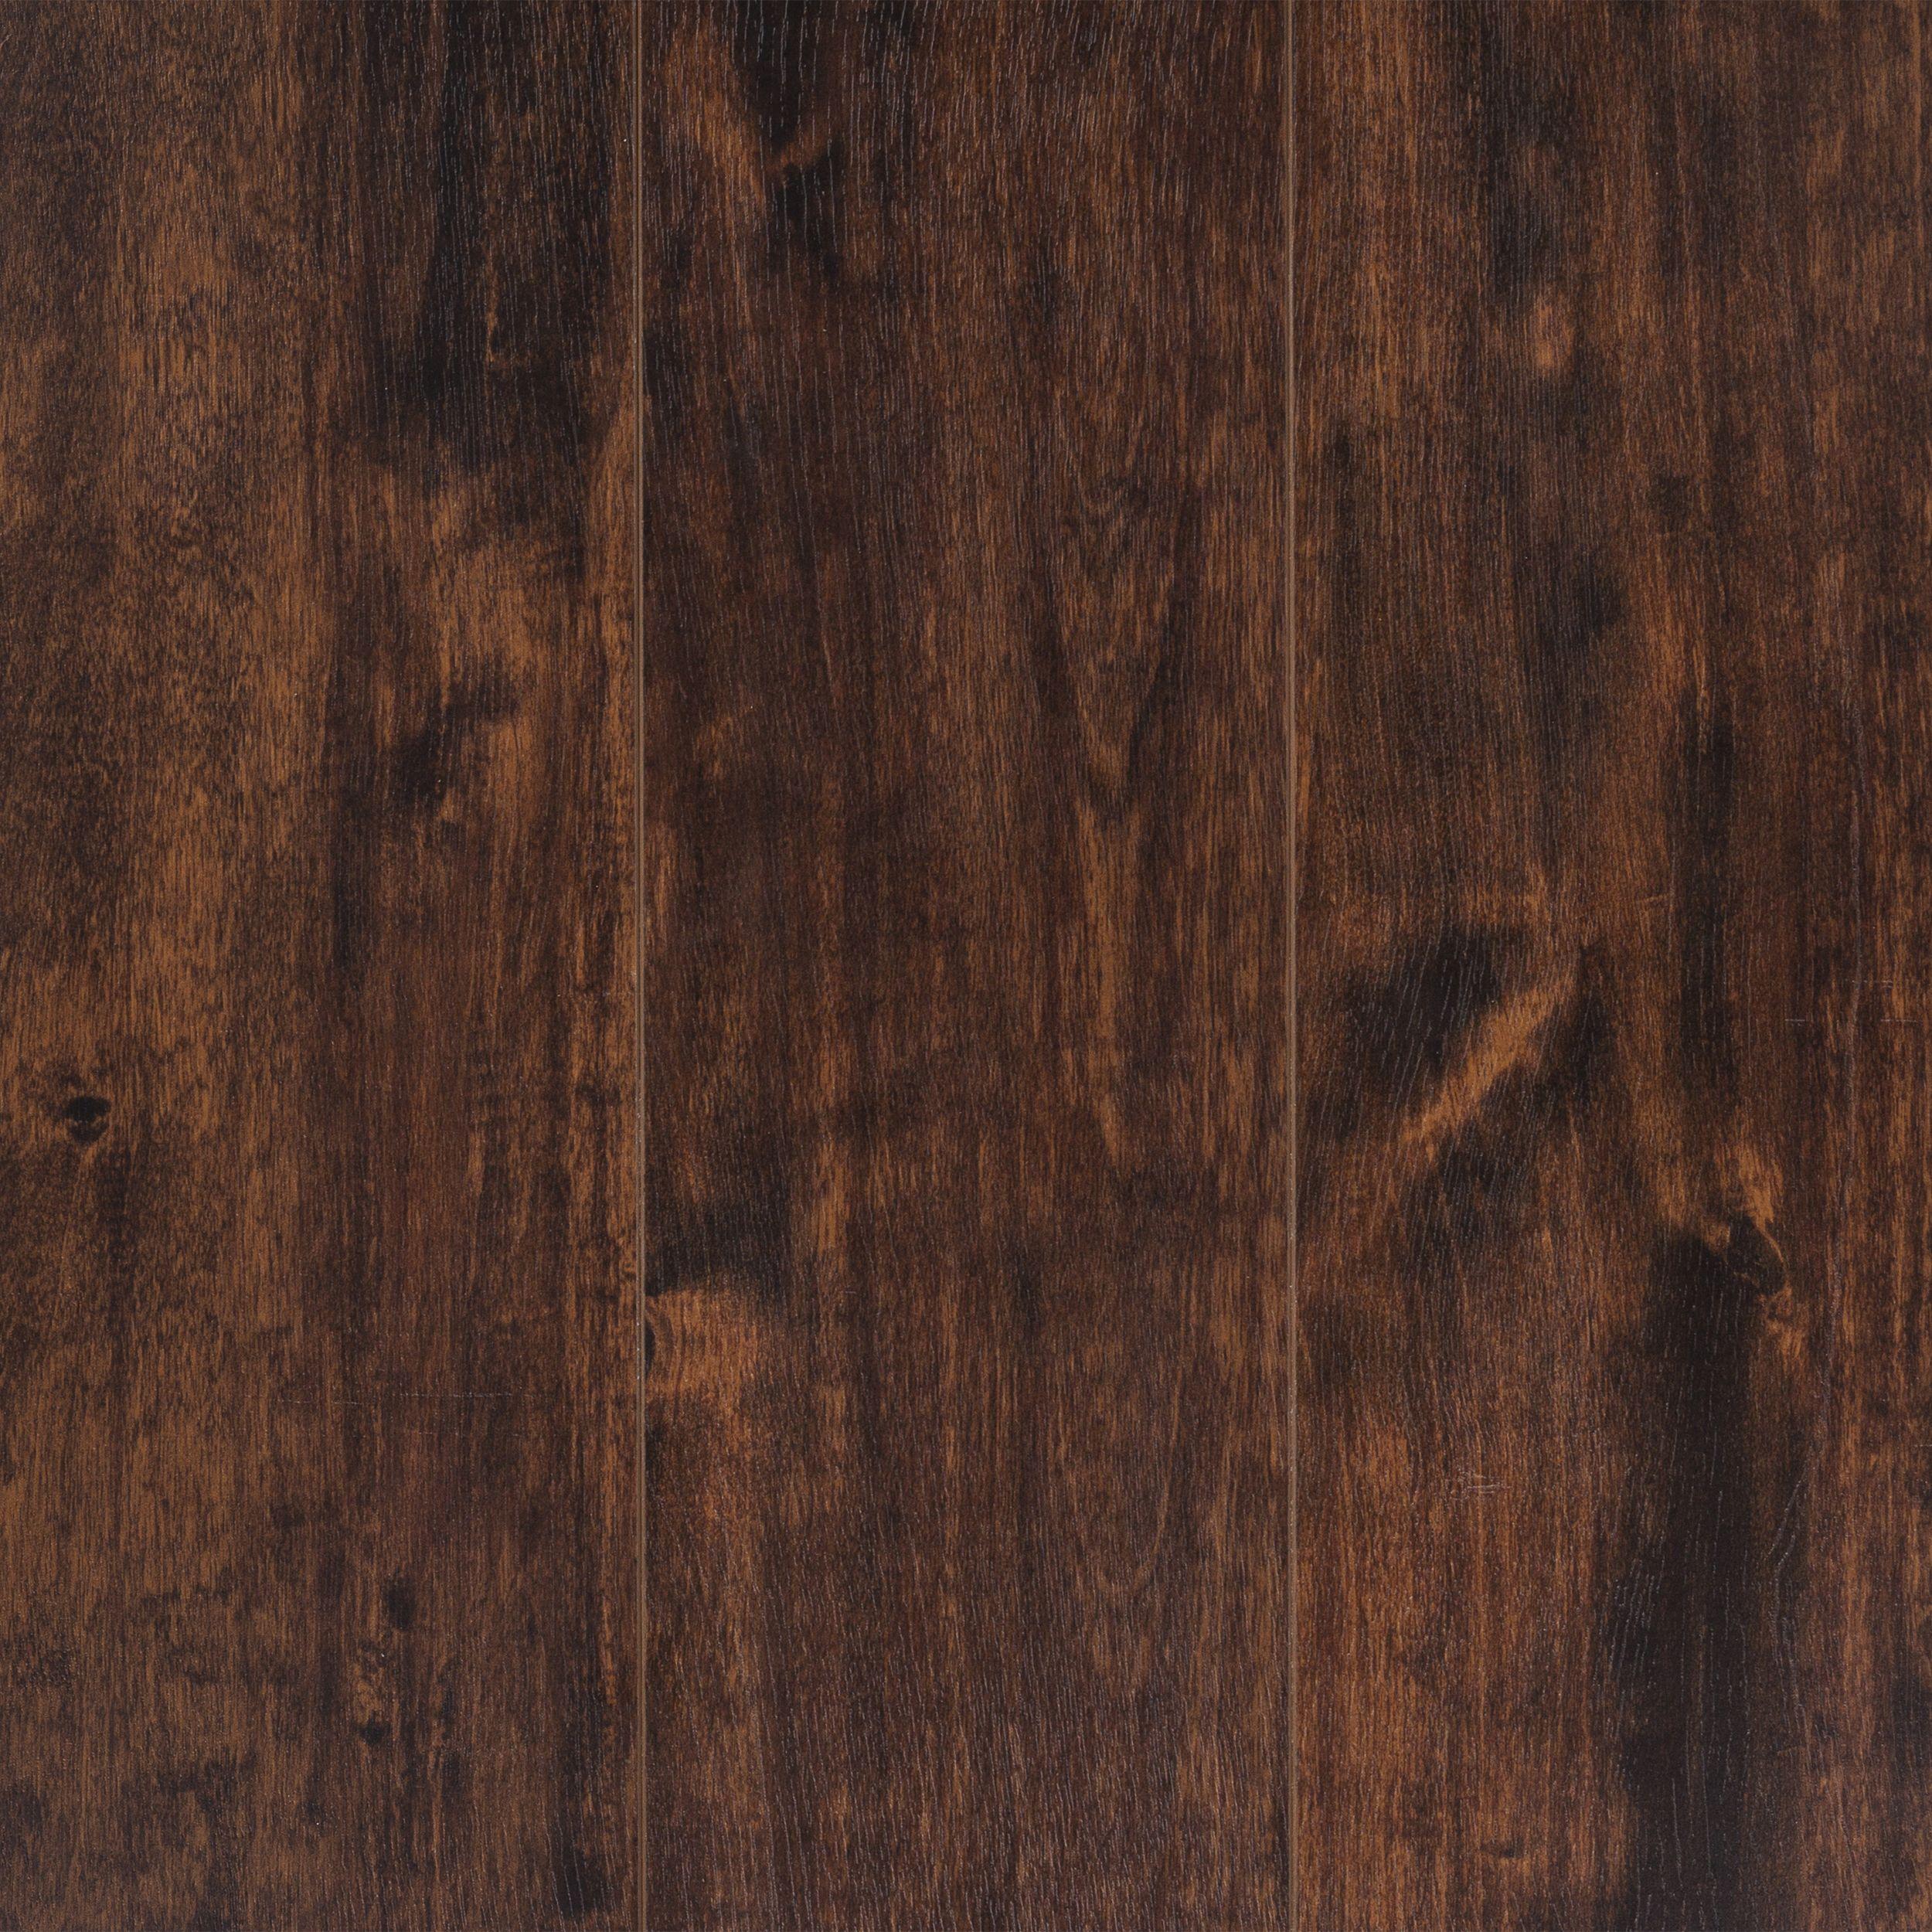 Aquaguard Espresso Water Resistant Laminate Floor Decor